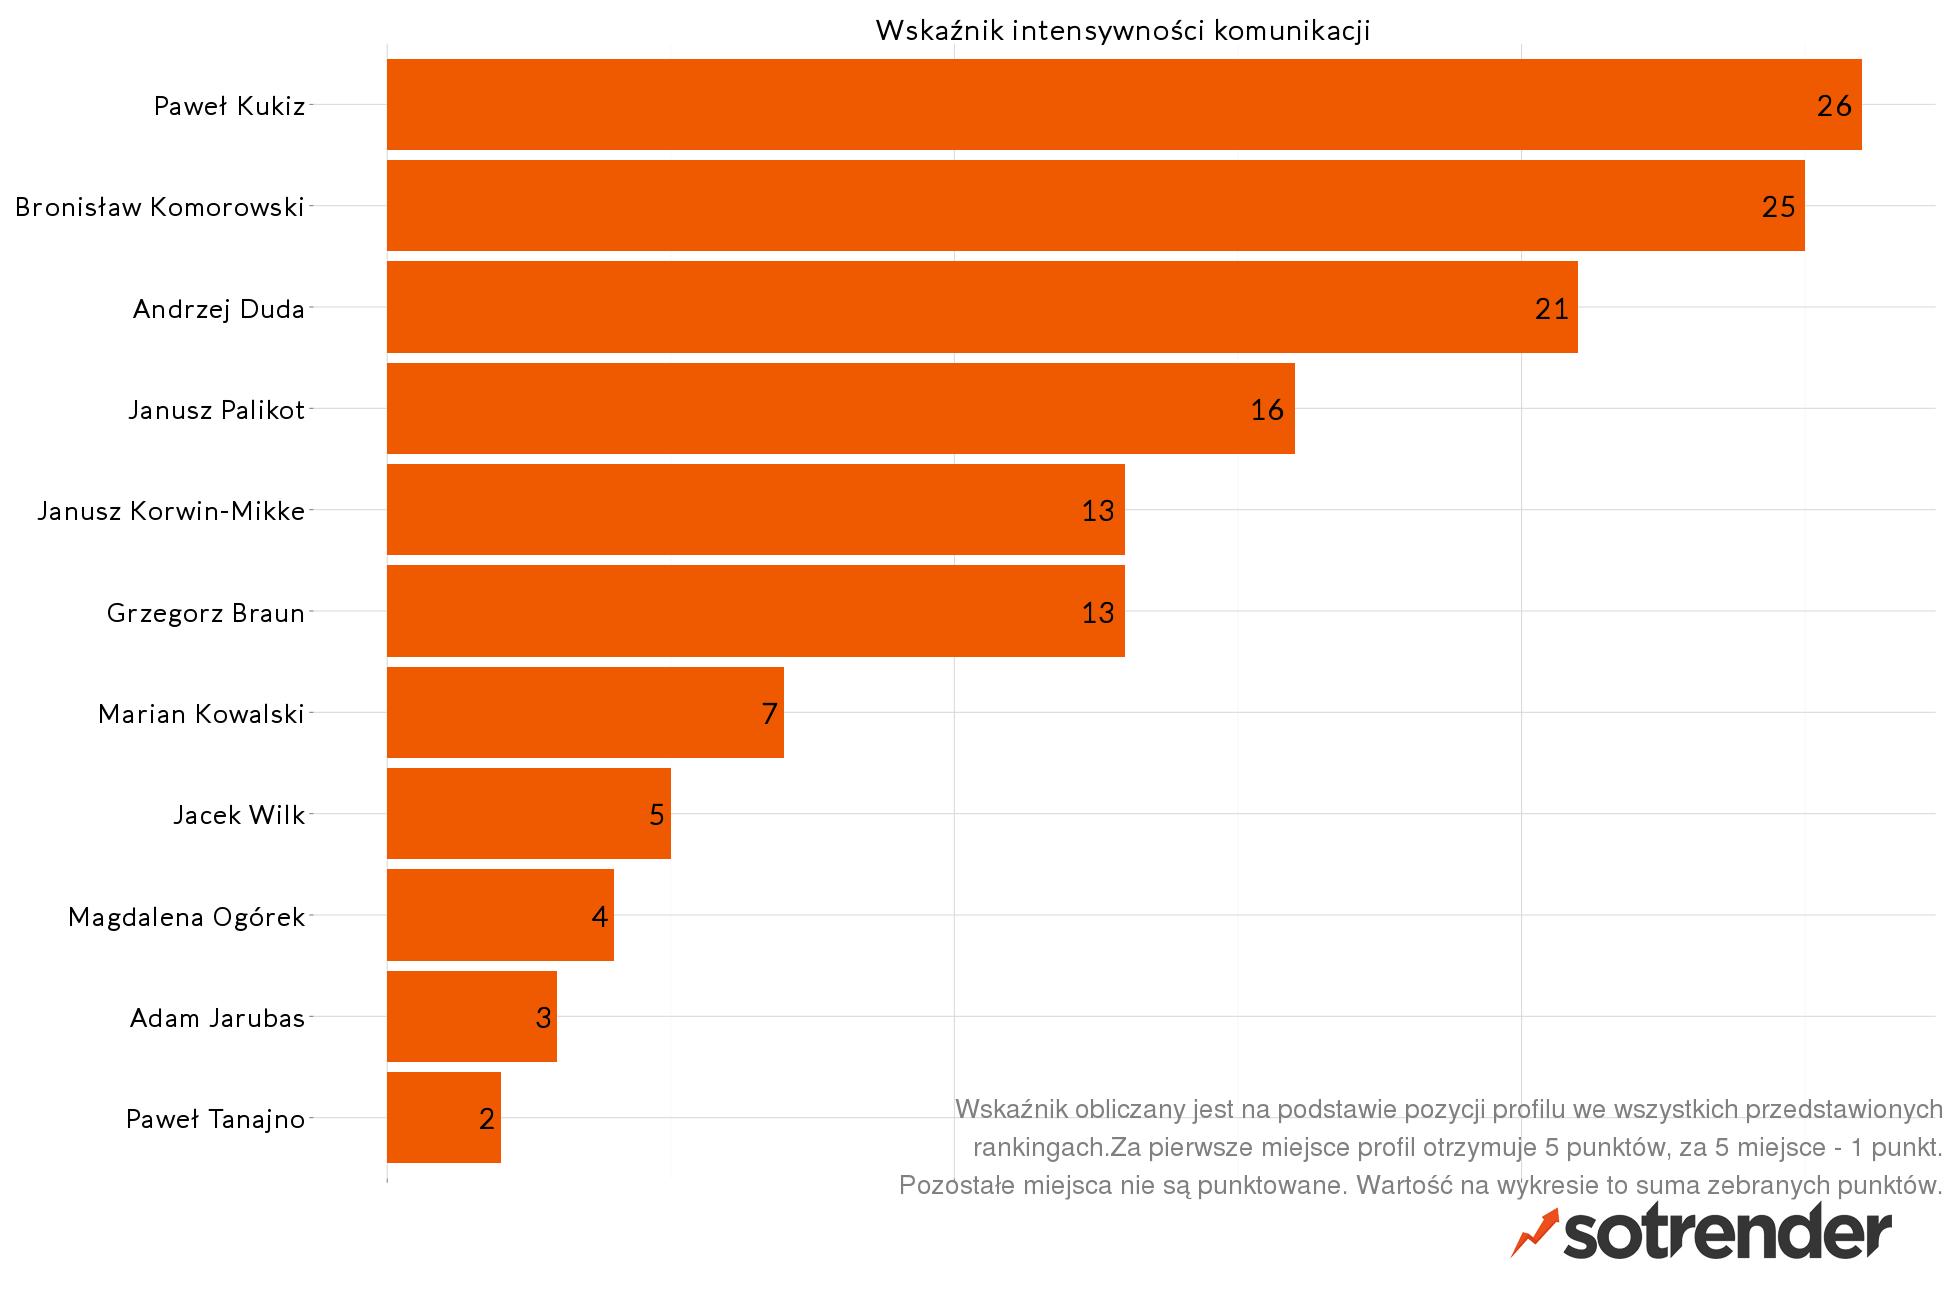 Wskaźnik intensywności komunikacji kandydatów na prezydenta w meidach społecznościowych - raport Sotrendera